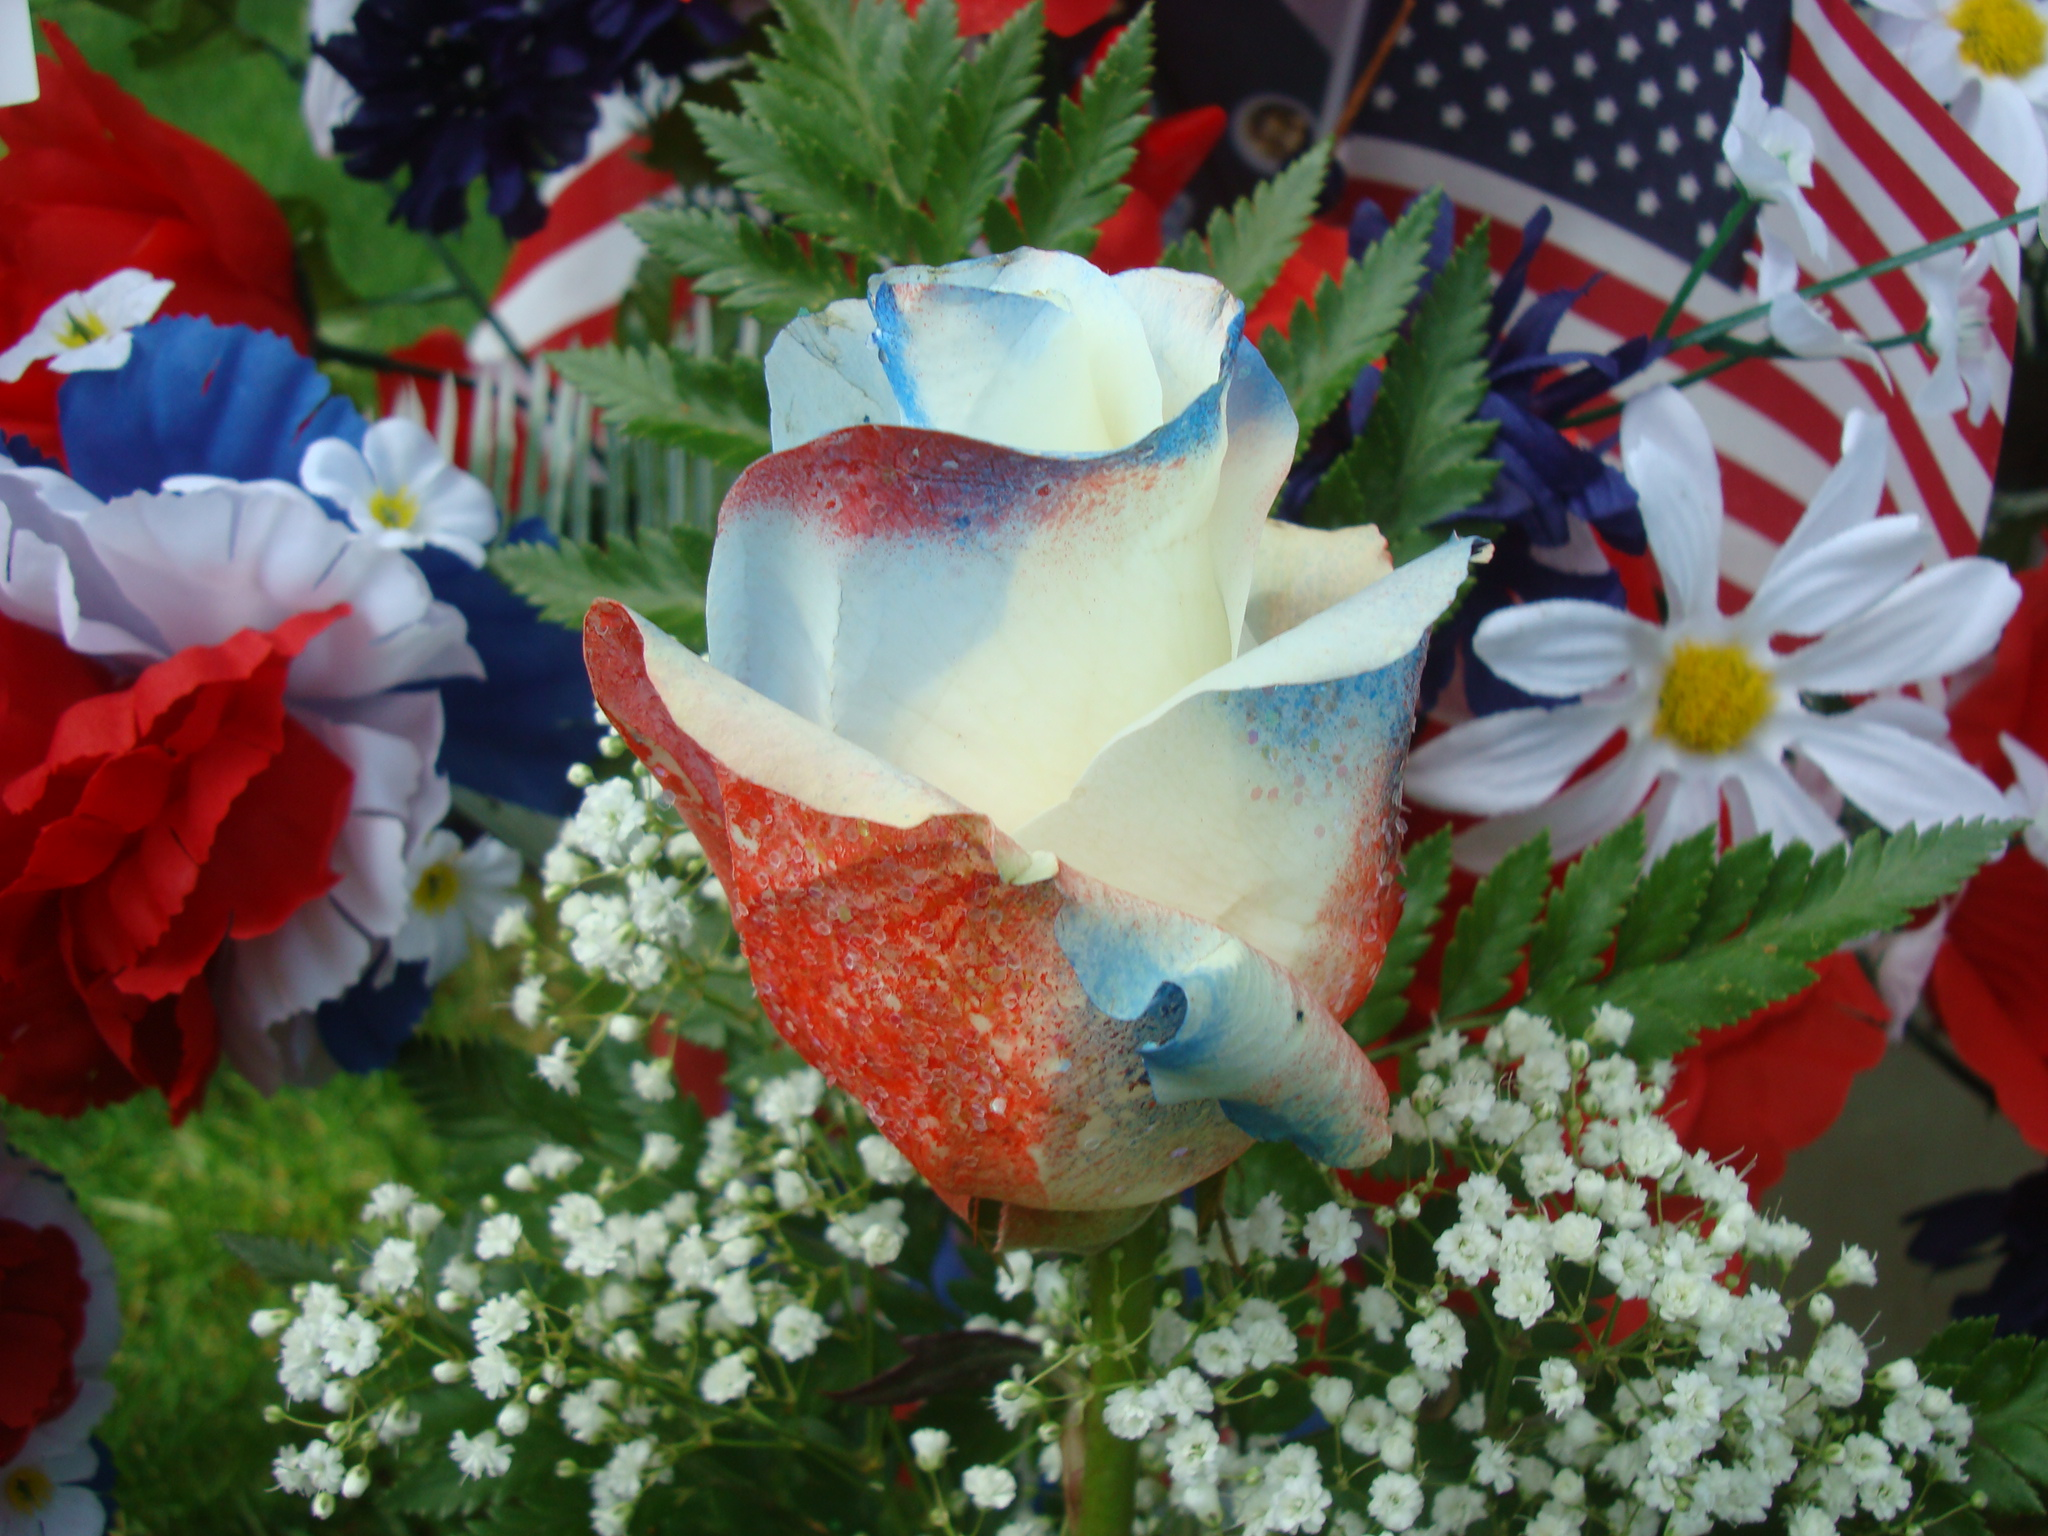 snap memorial day screensavers and wallpaper wallpapersafari photos